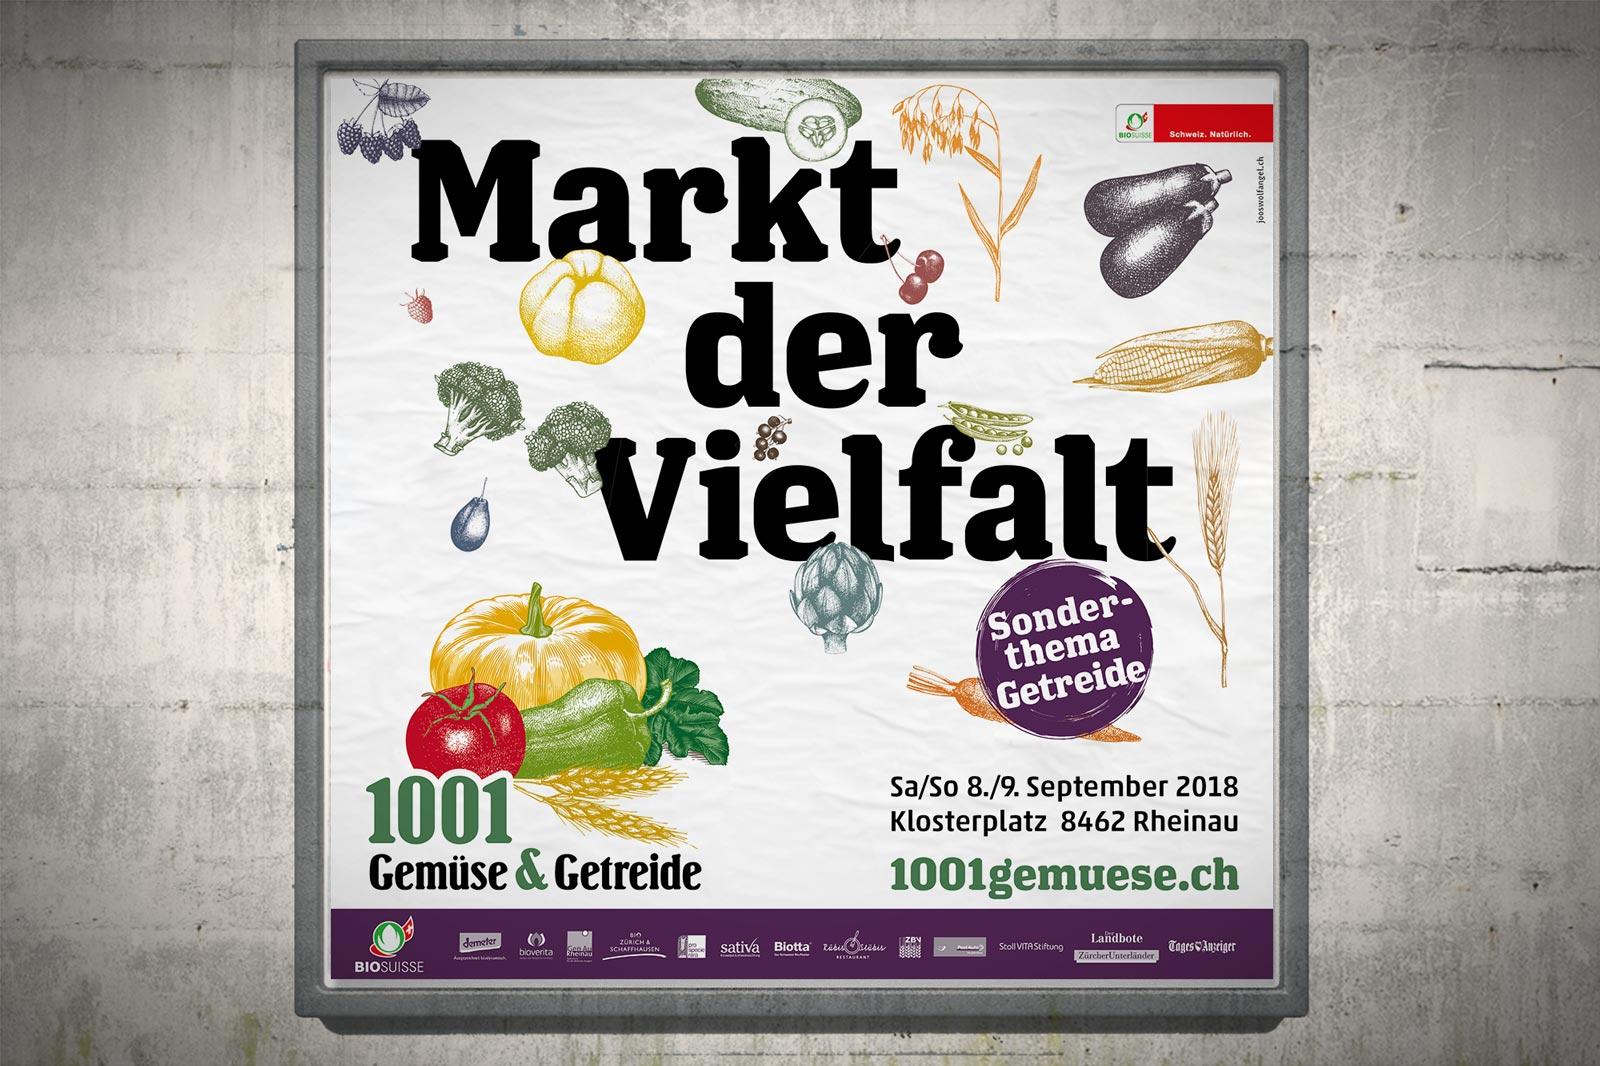 Die grosse Artenvielfalt.   Kommunikation für gentechnikfreie Nahrungsmittel zur Erhaltung einheimischer Gemüse- und Getreidearten.   Zum Arbeitsbeispiel   →